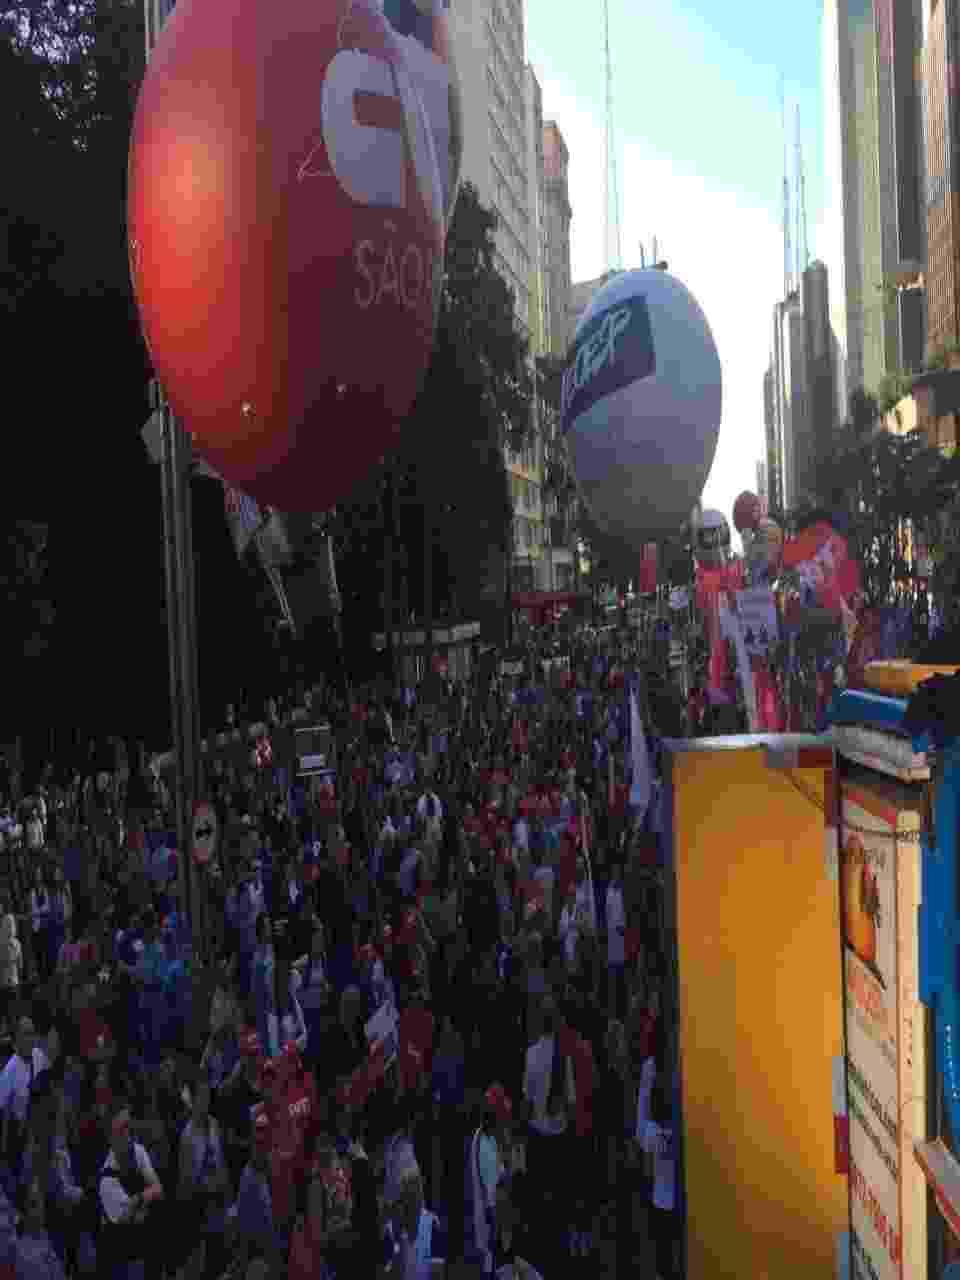 31.mar.2017 - Manifestantes tomam os dois sentidos da Avenida Paulista, na altura o Masp, durante protesto contra o governo Temer, a reforma da Previdência e a lei de terceirização ampla - Mirthyani Bezerra/UOL